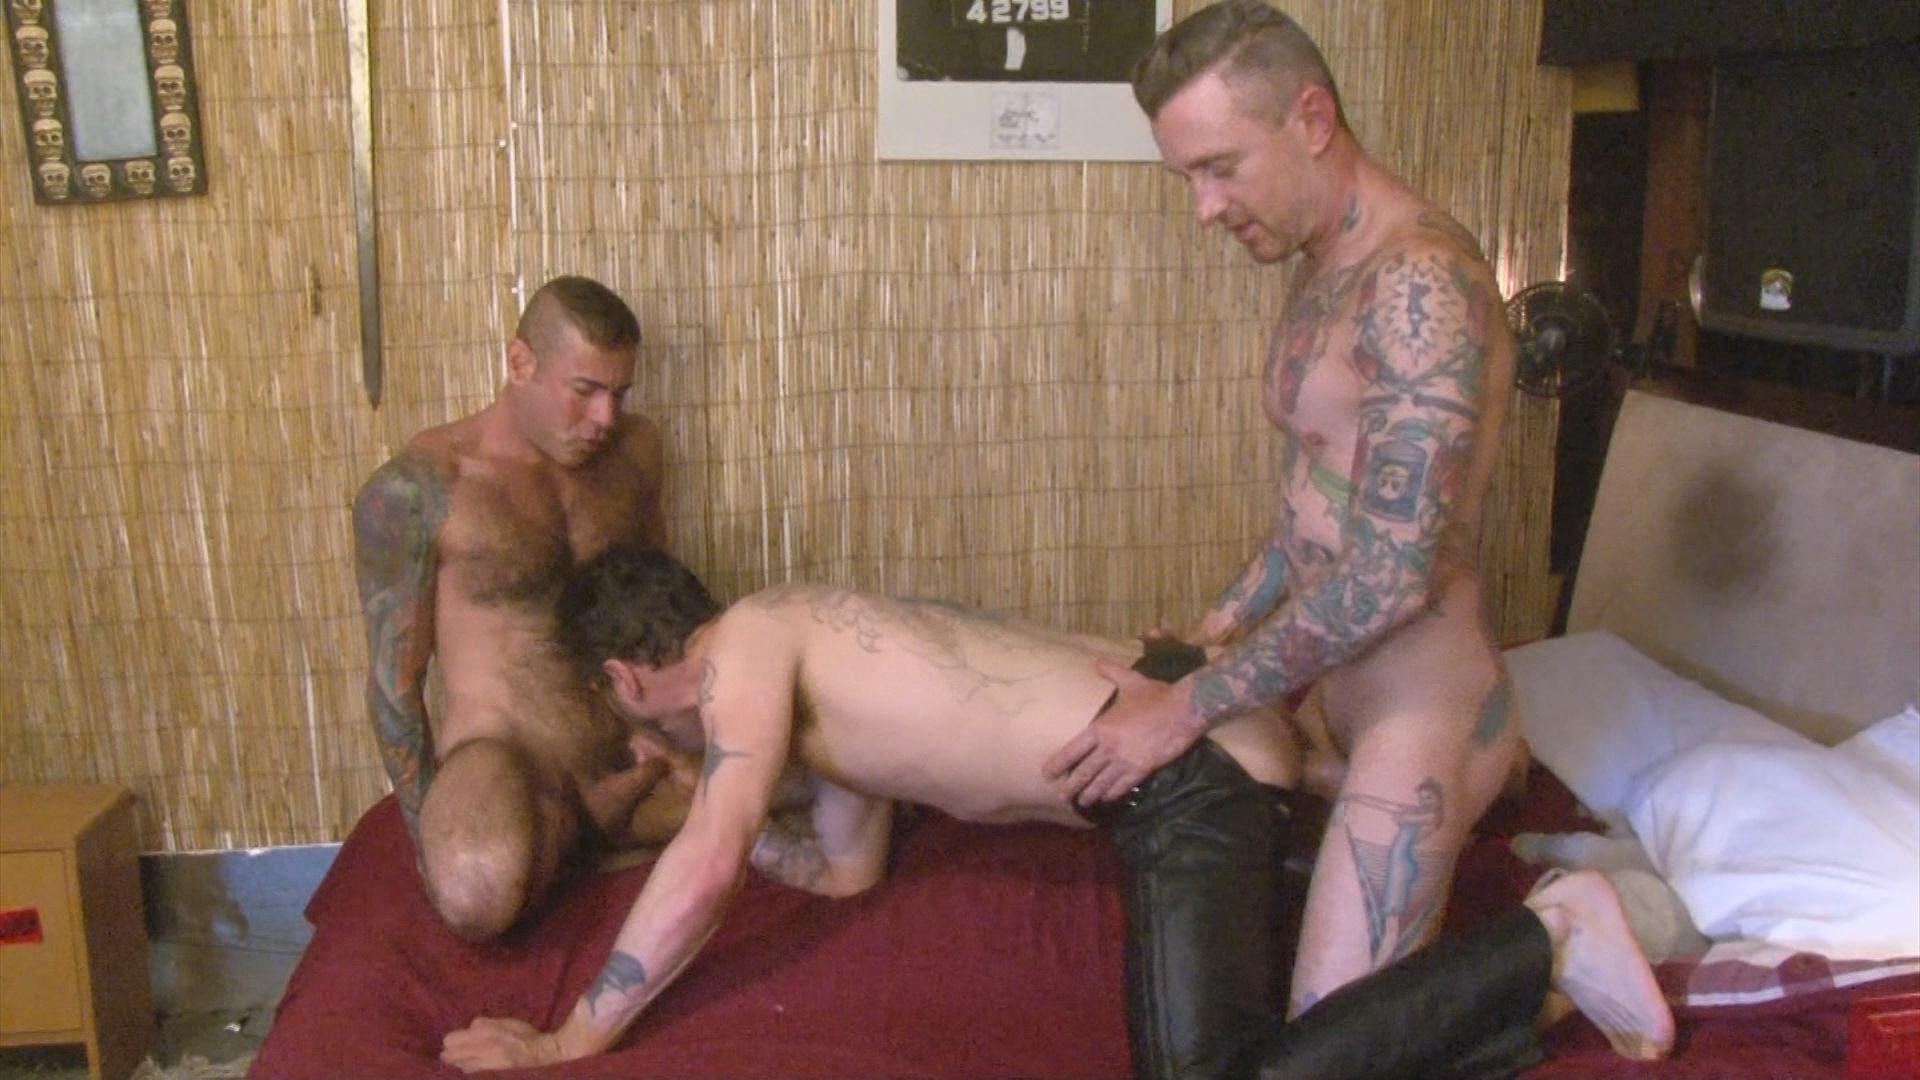 Nick Moretti Purebred Xvideo gay